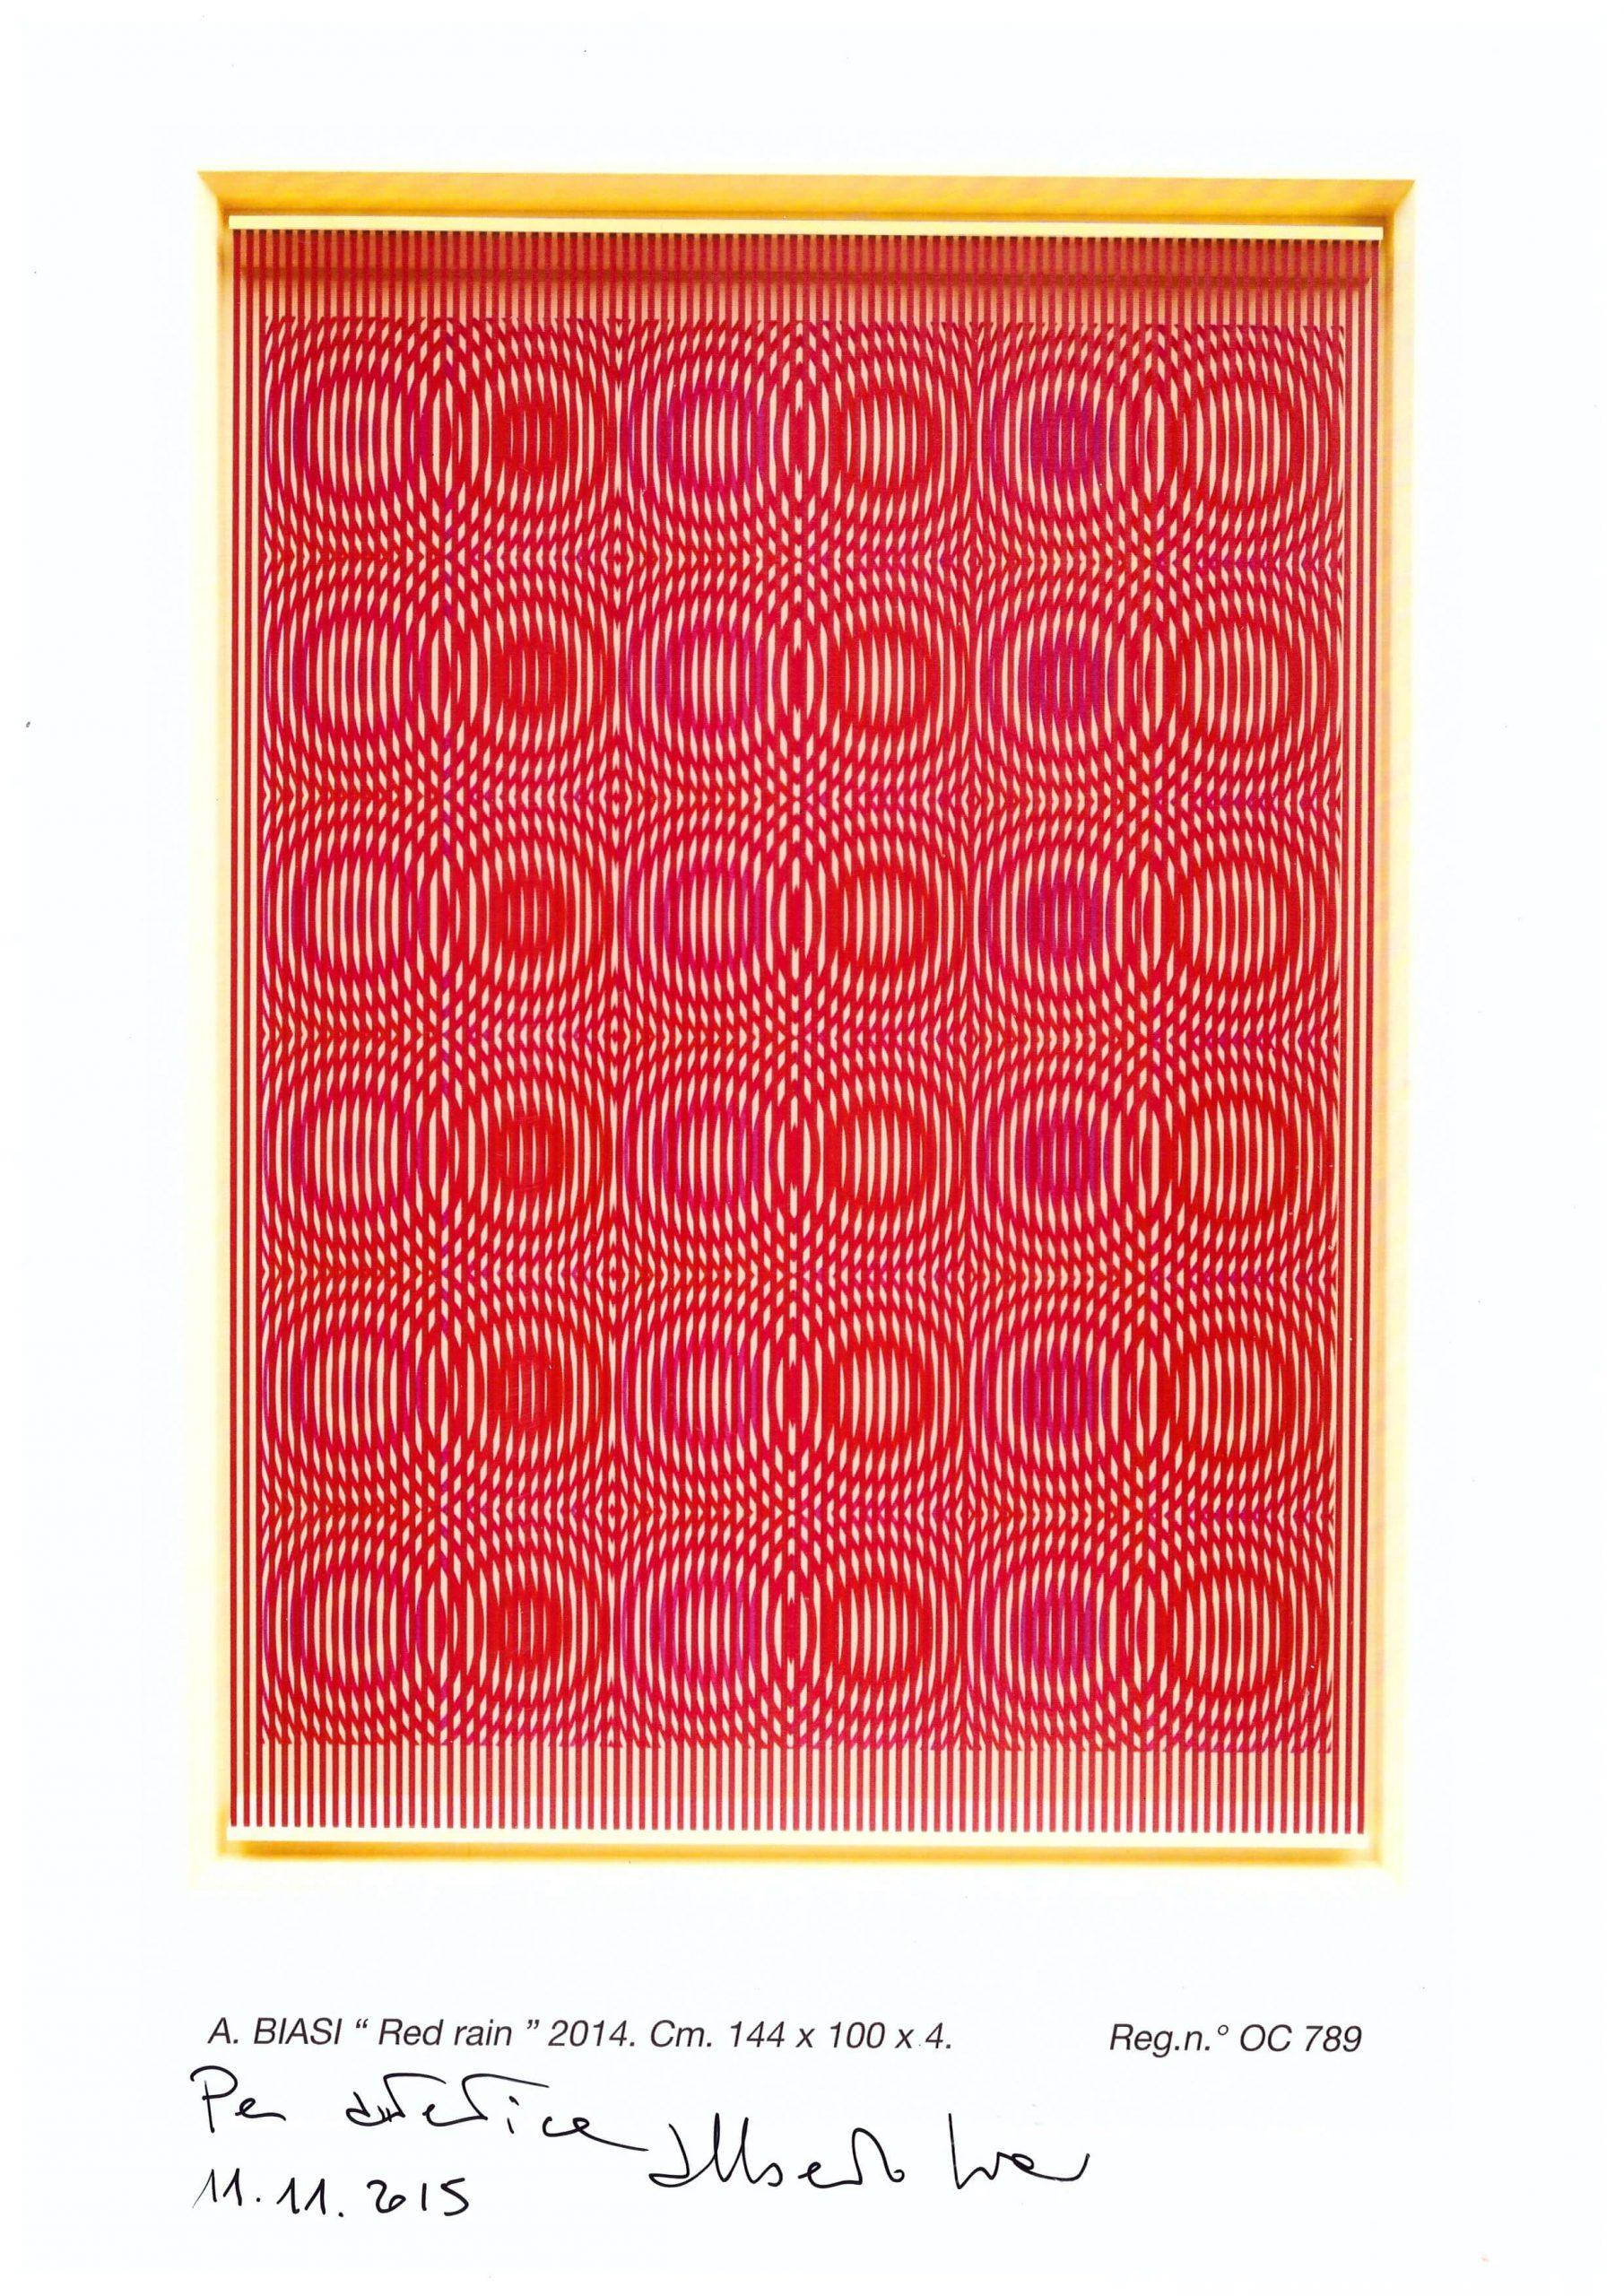 Red Rain, 2014 – Alberto Biasi